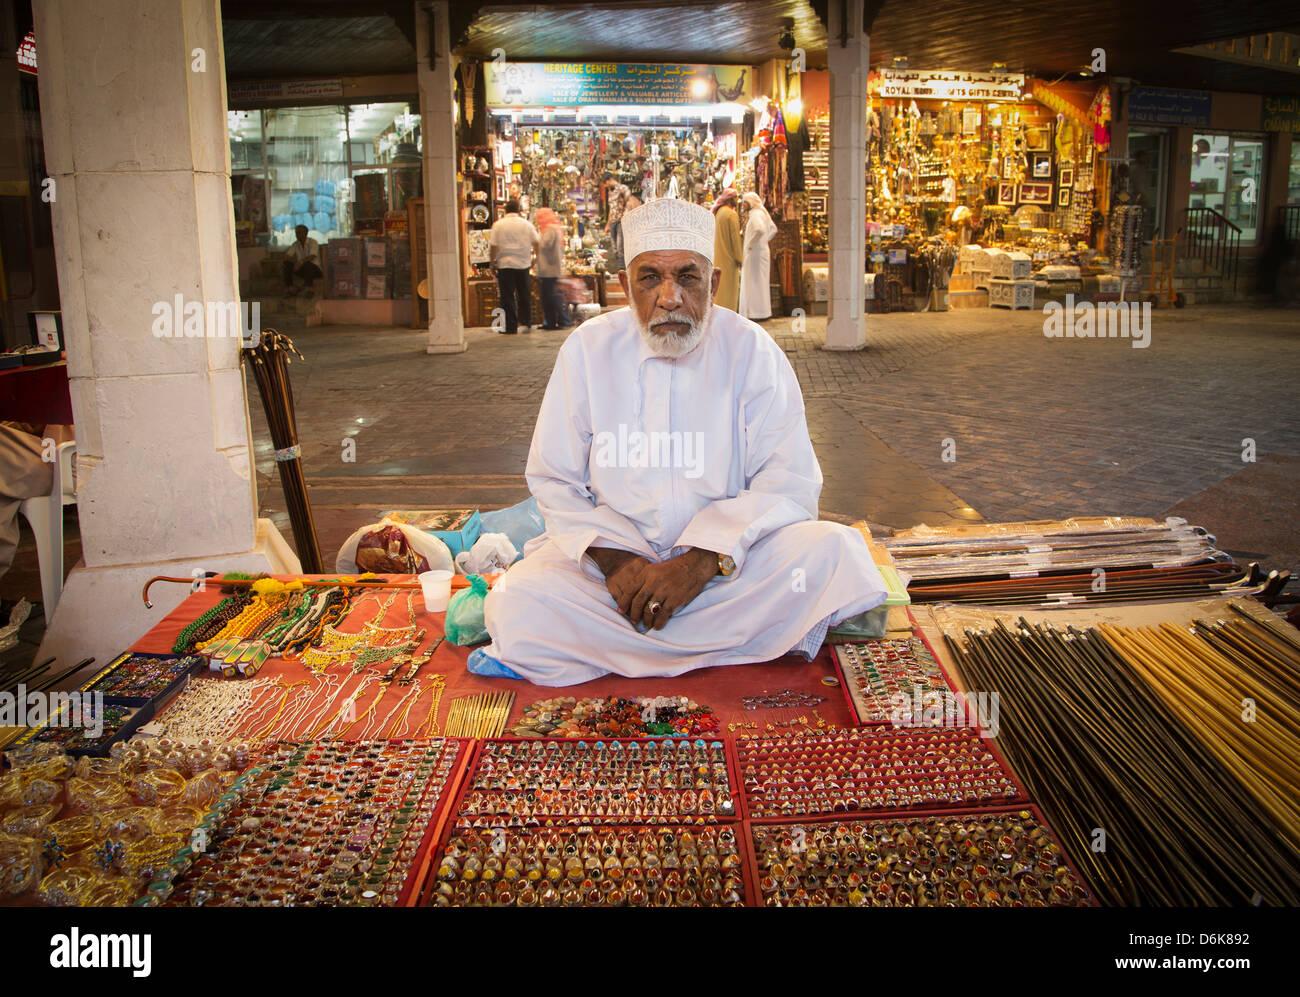 Commerciante in Muscat il Souk, Muscat Oman, Medio Oriente Immagini Stock